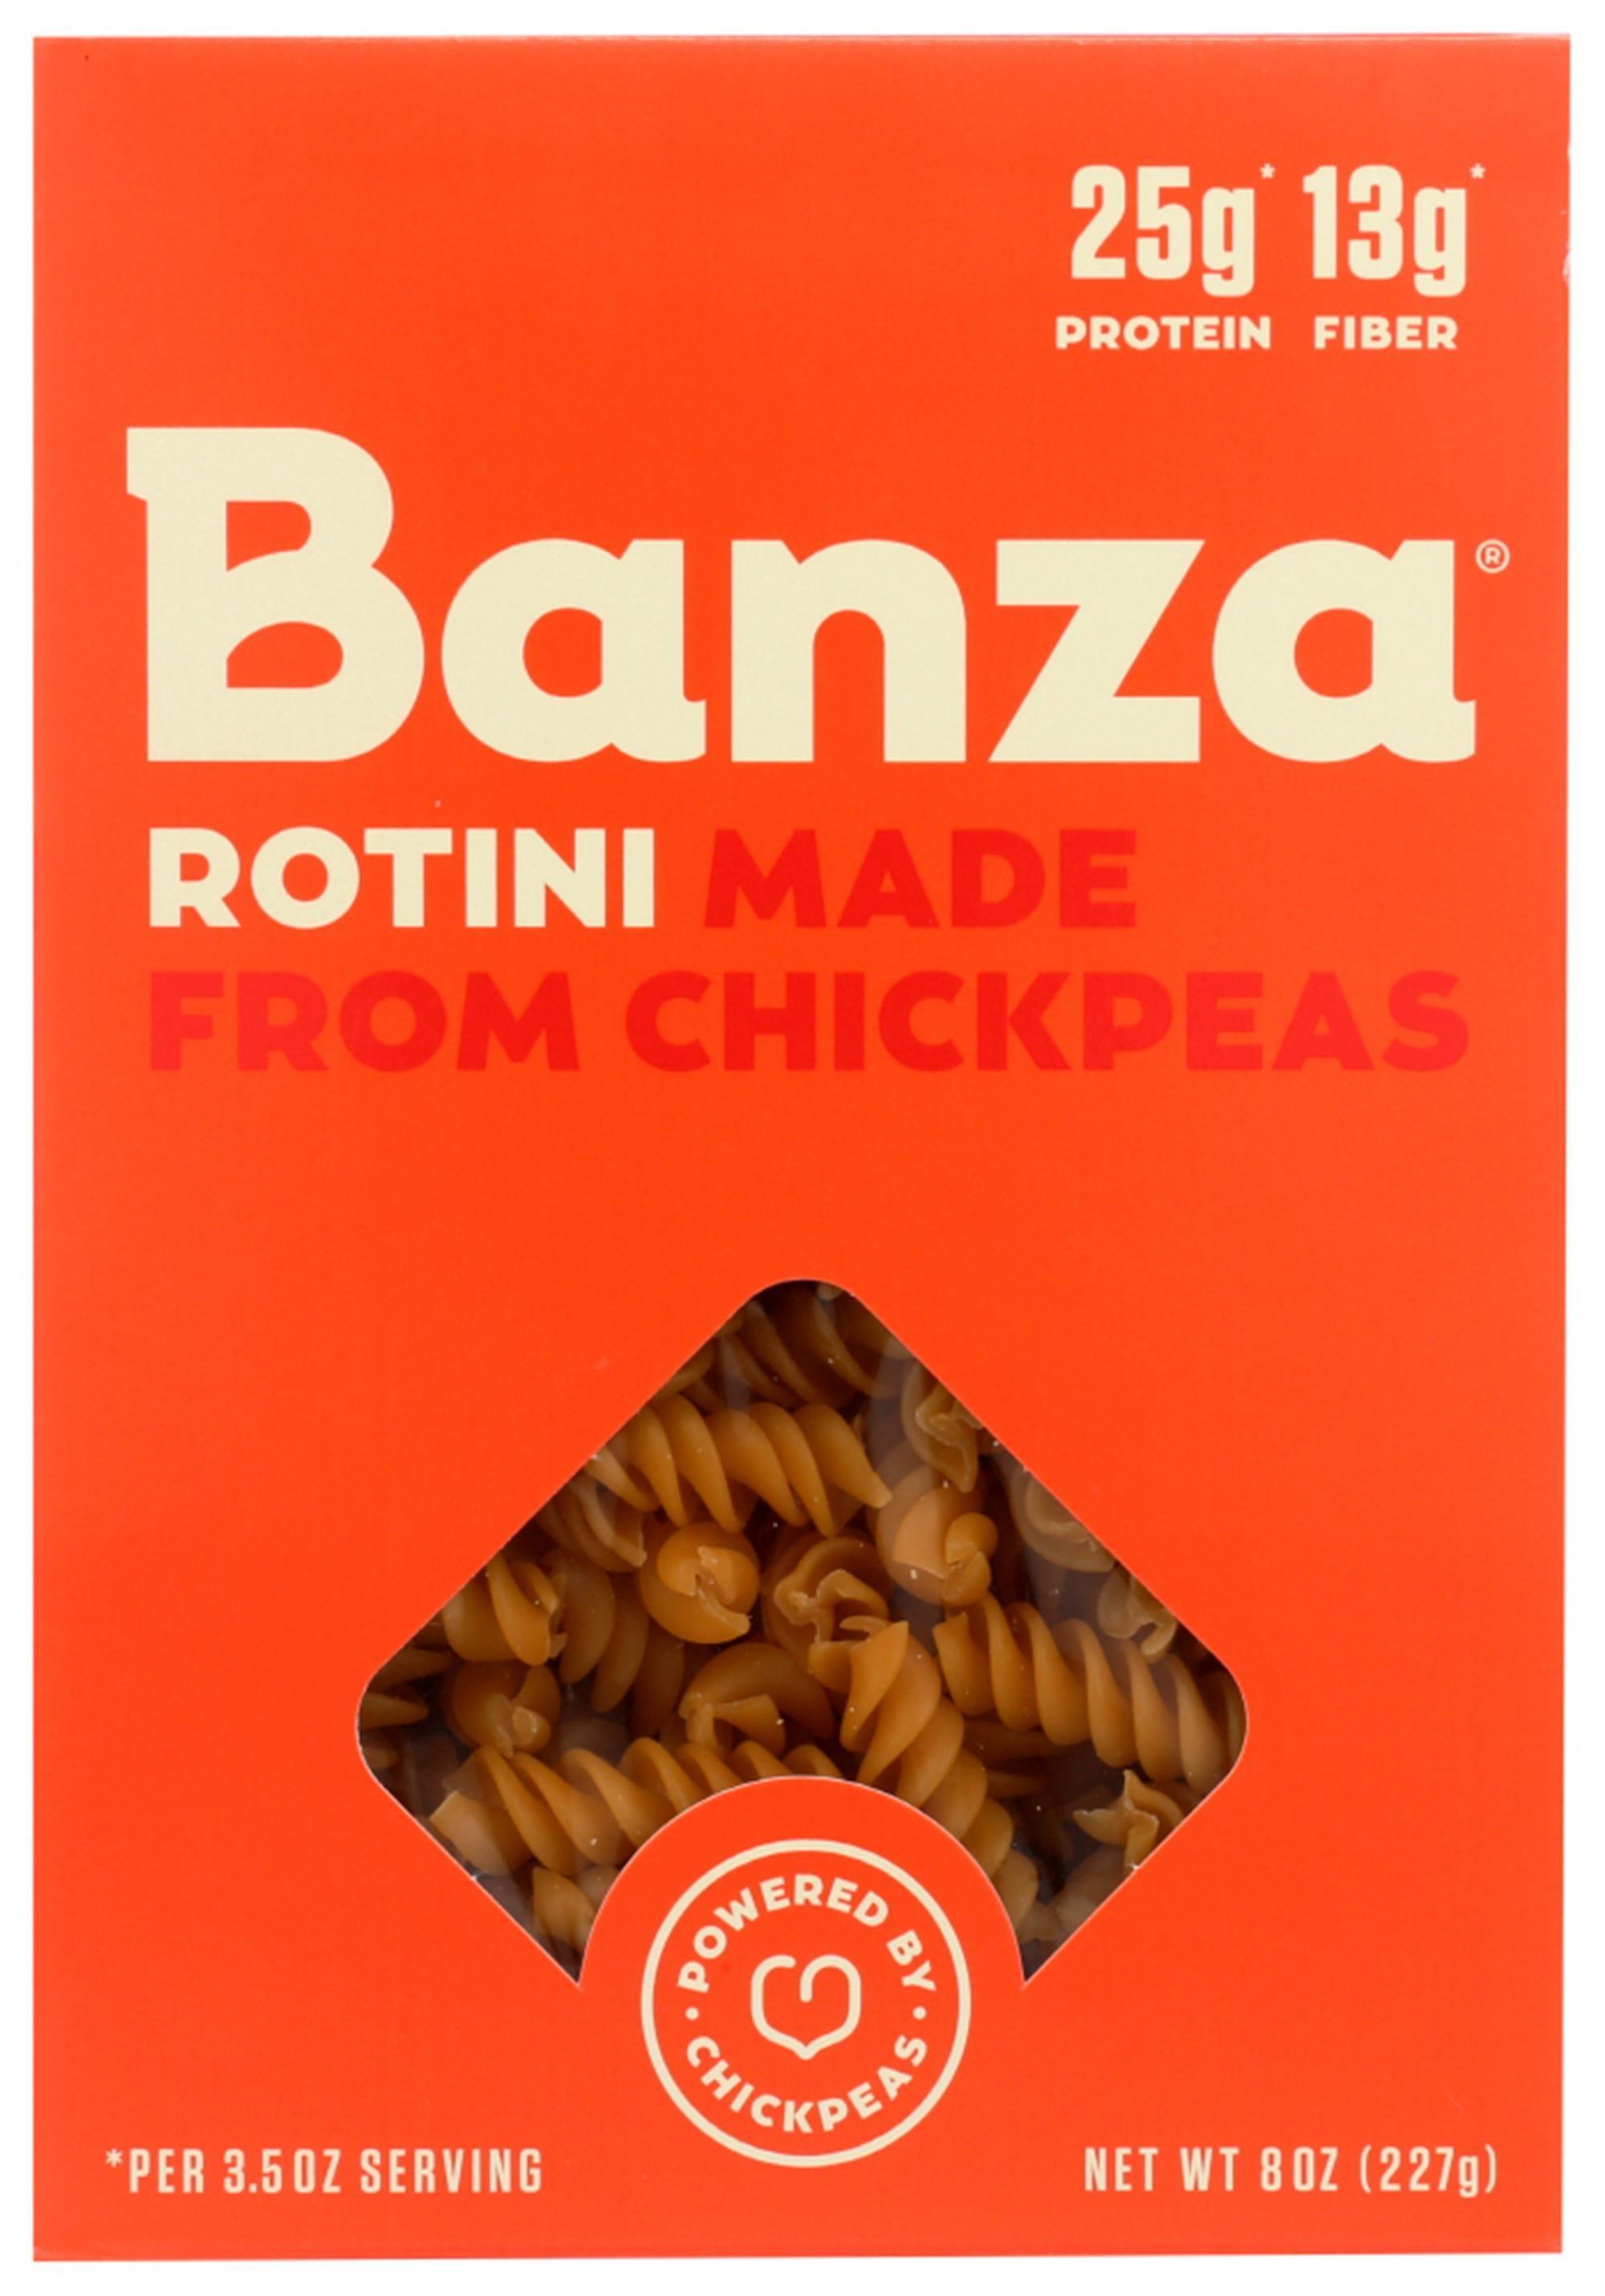 the orange box of pasta